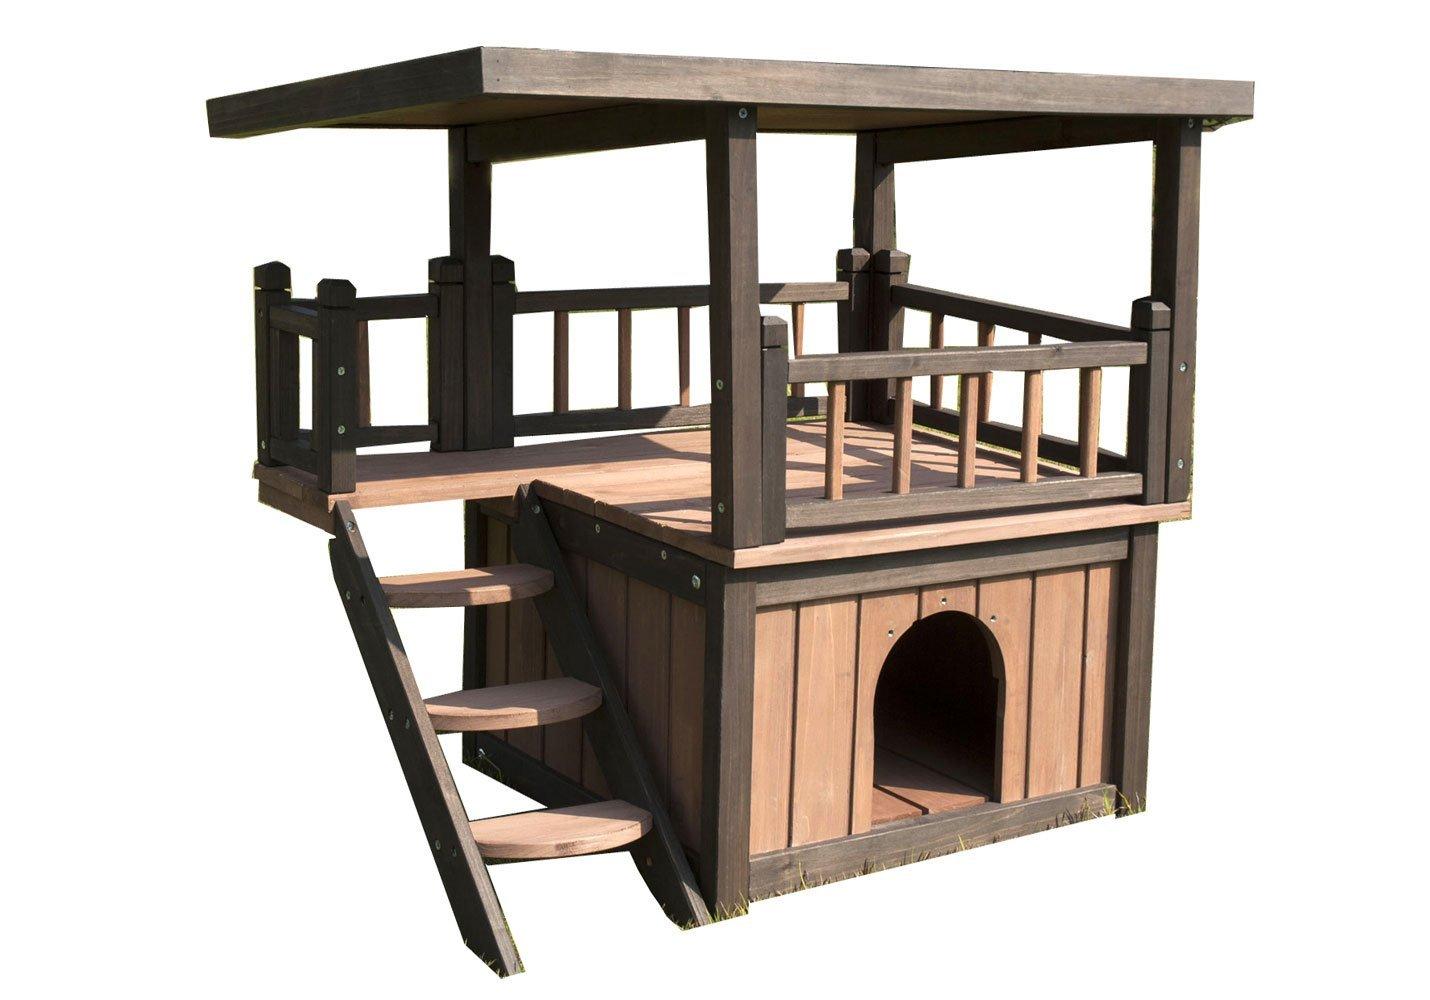 Cuccia per cani in legno tutte le cucce da esterno for Cucce per gatti da esterno coibentate